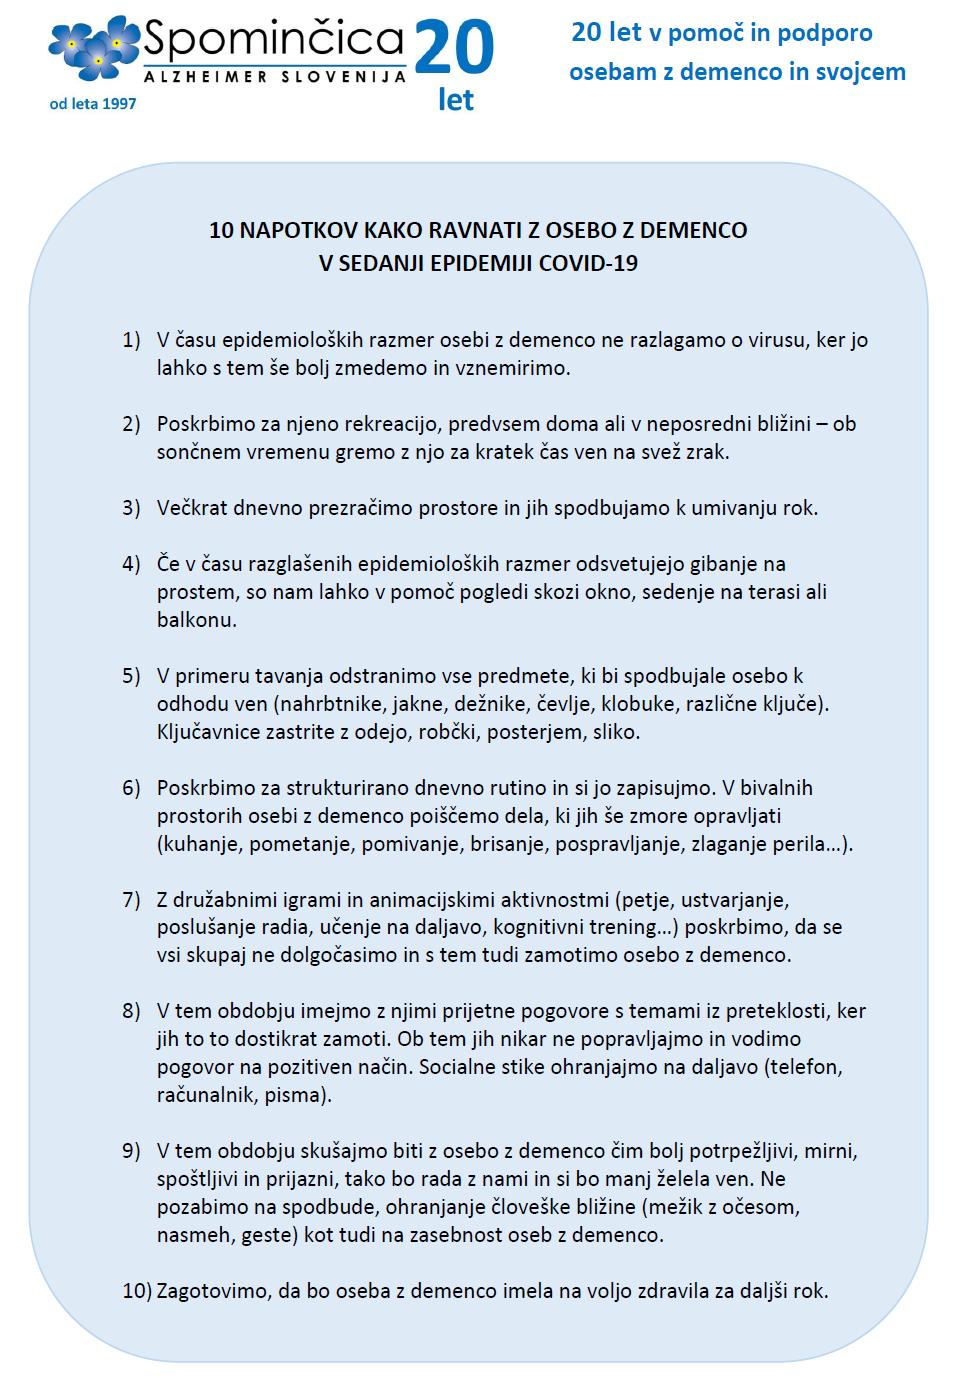 10 napotkov